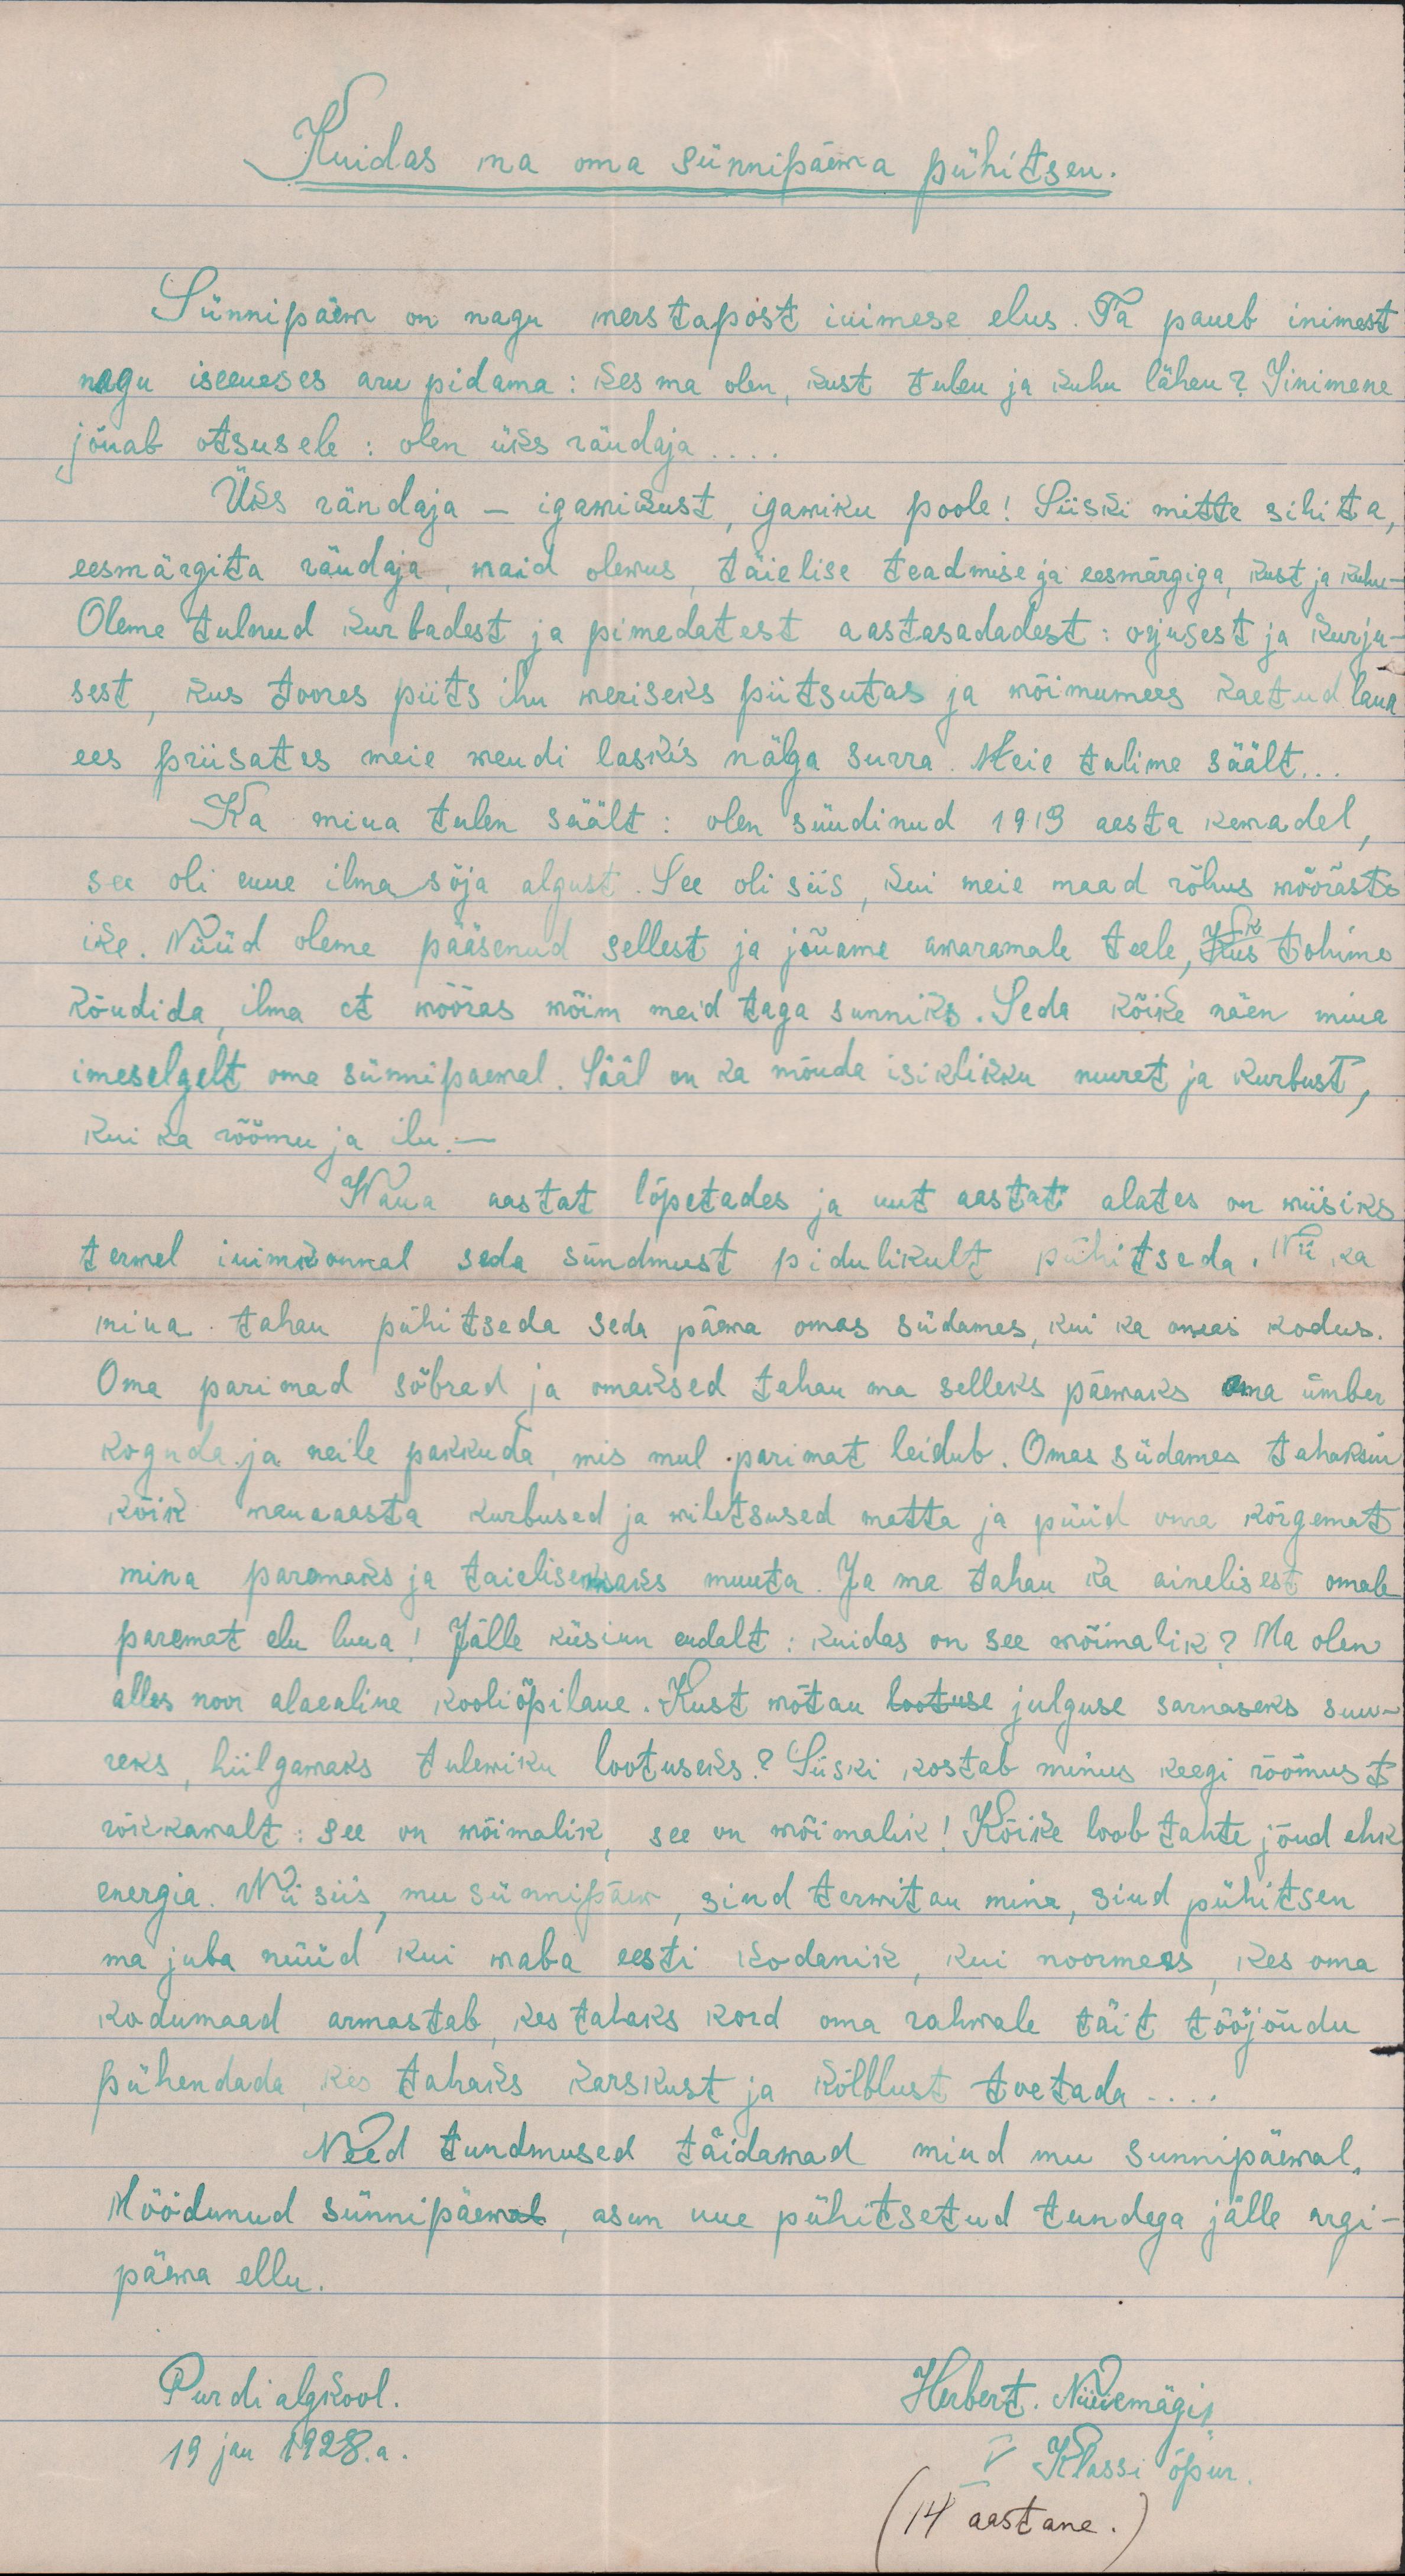 14-aastase Herbert Niinemägi kirjutis oma sünnipäevast. eaa.2223.1.87 herbert